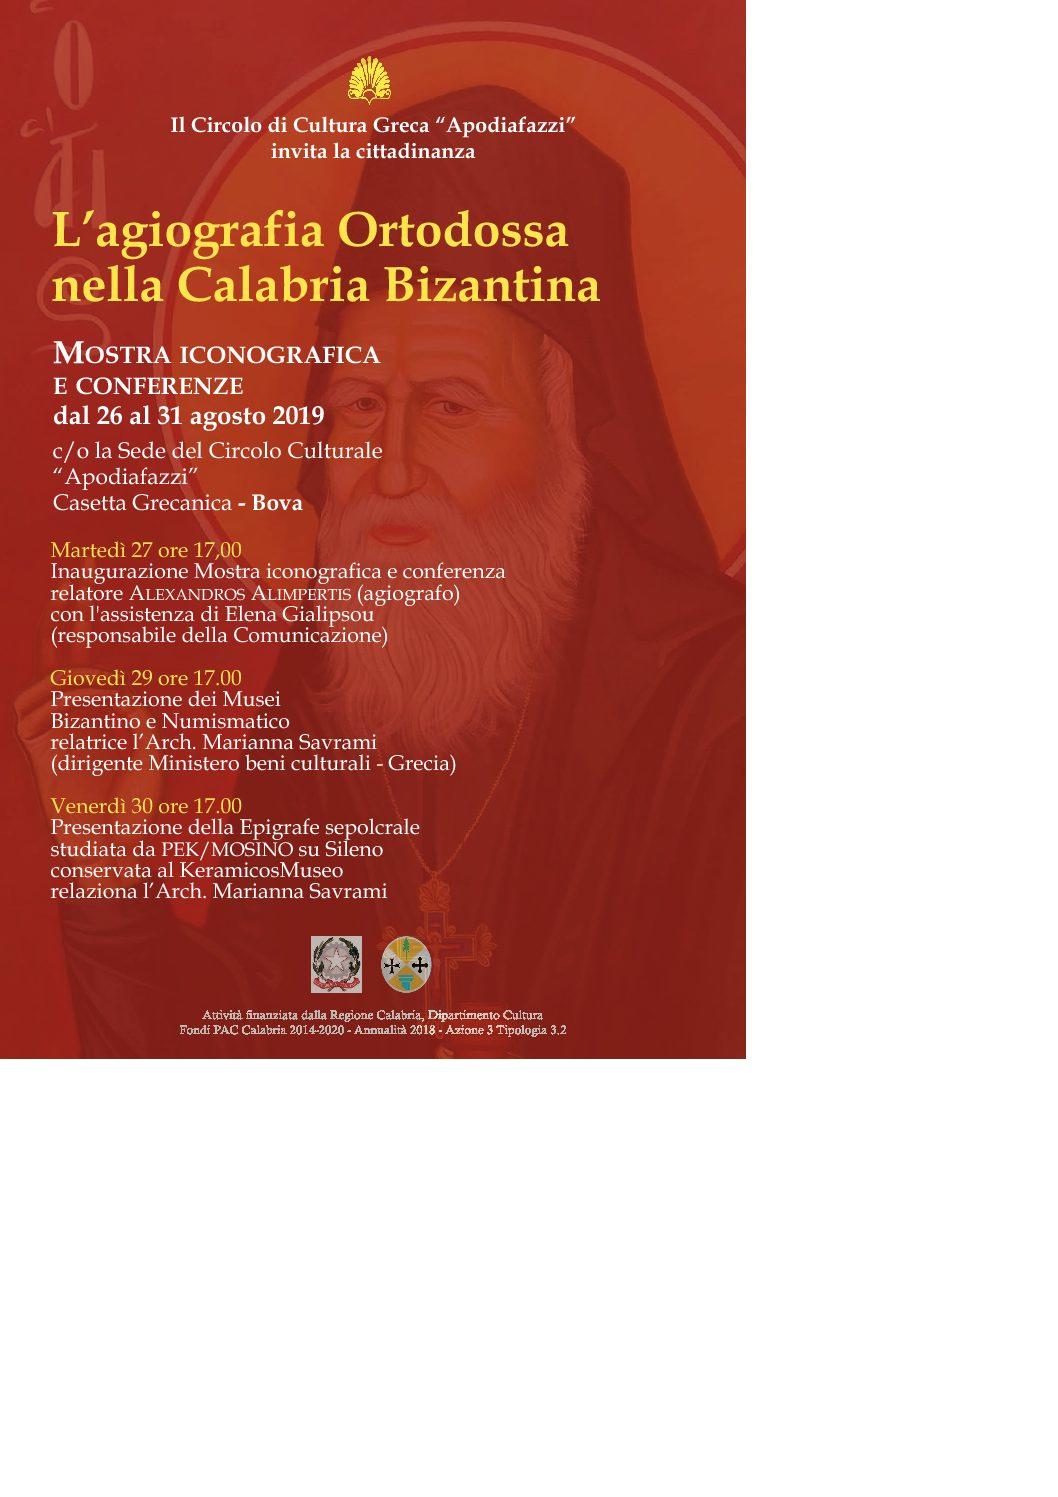 L'agiografia ortodossa nella Calabria bizantina